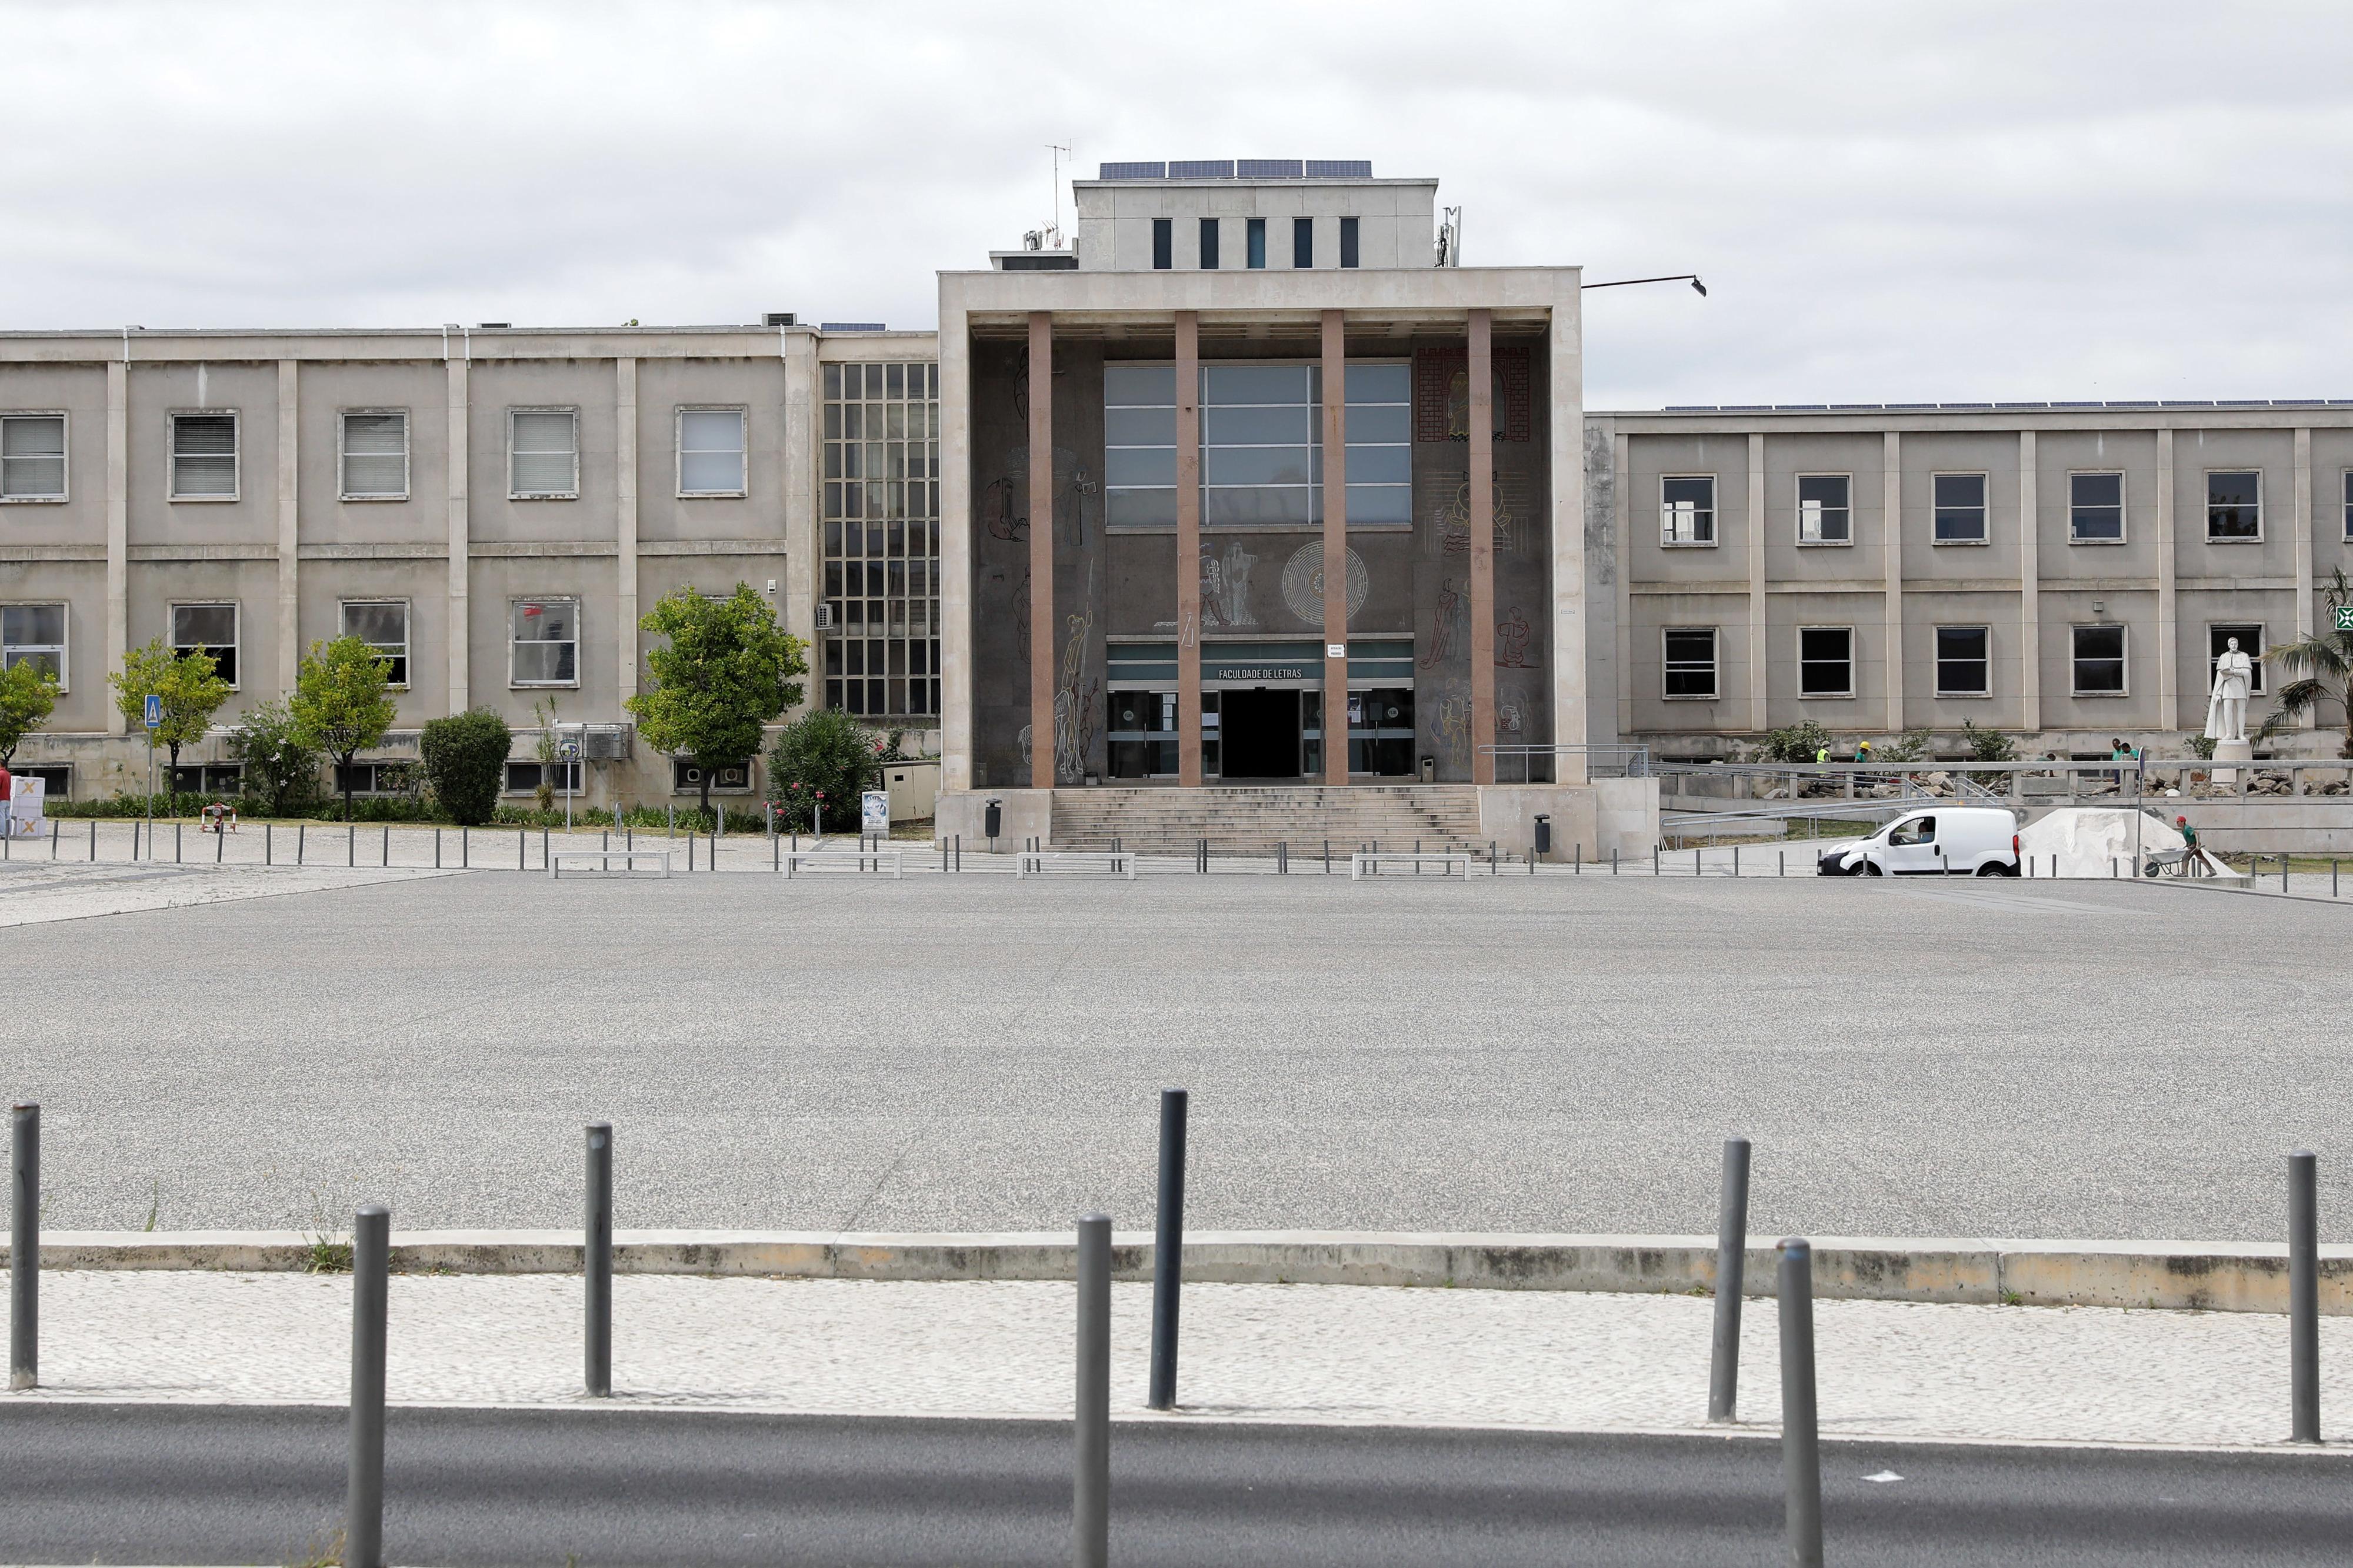 Bloco questiona Governo sobre degradação do edifício da Faculdade de Letras de Lisboa